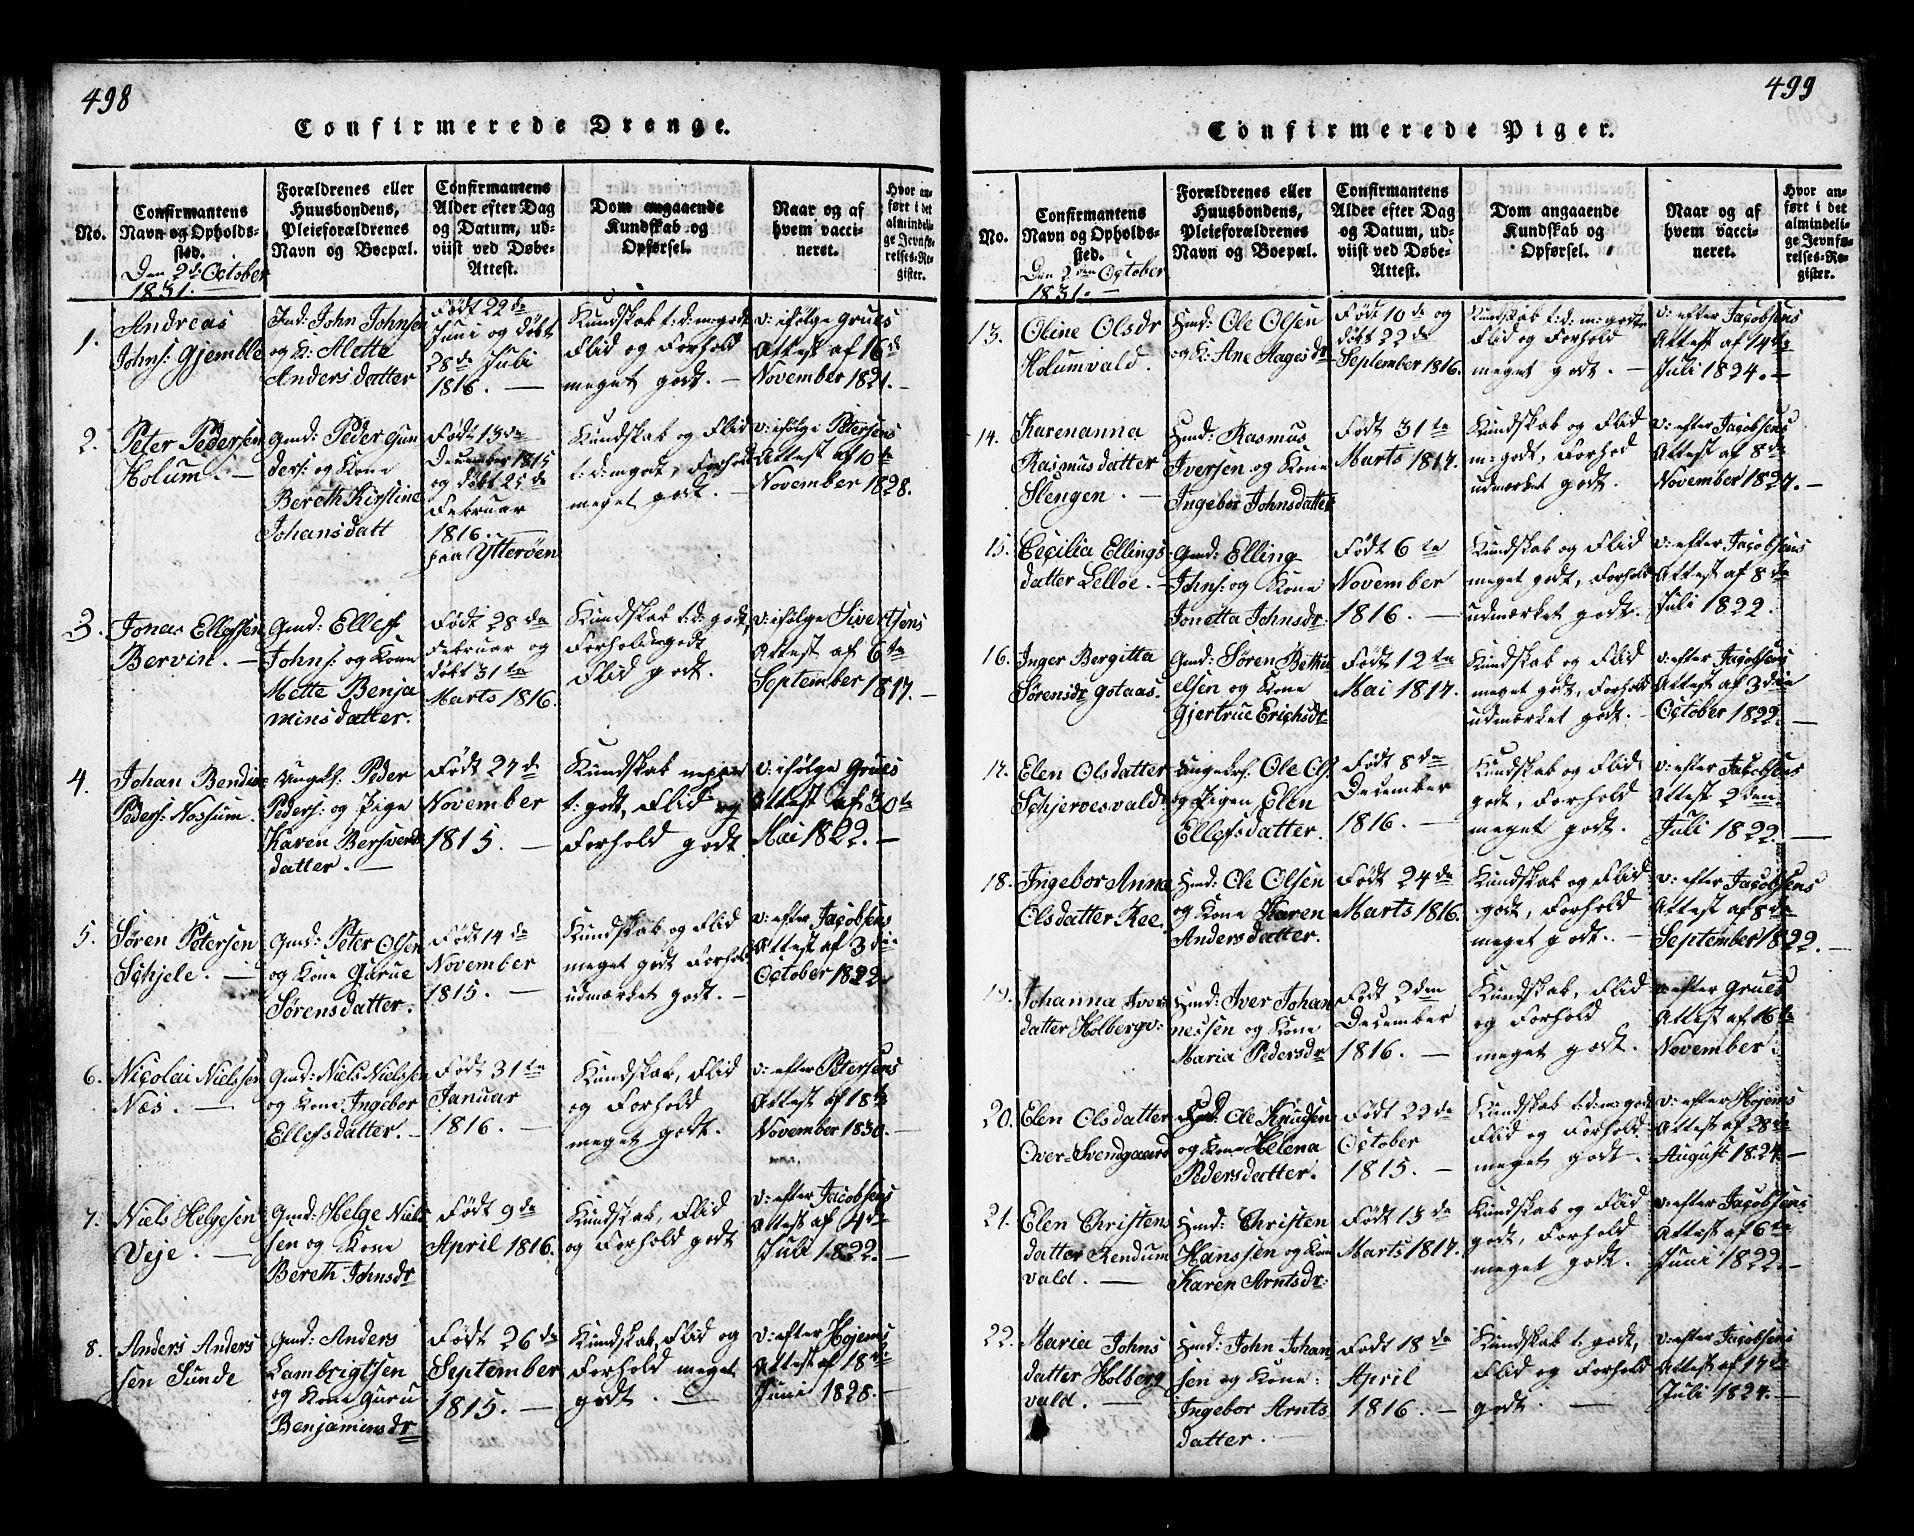 SAT, Ministerialprotokoller, klokkerbøker og fødselsregistre - Nord-Trøndelag, 717/L0169: Klokkerbok nr. 717C01, 1816-1834, s. 498-499